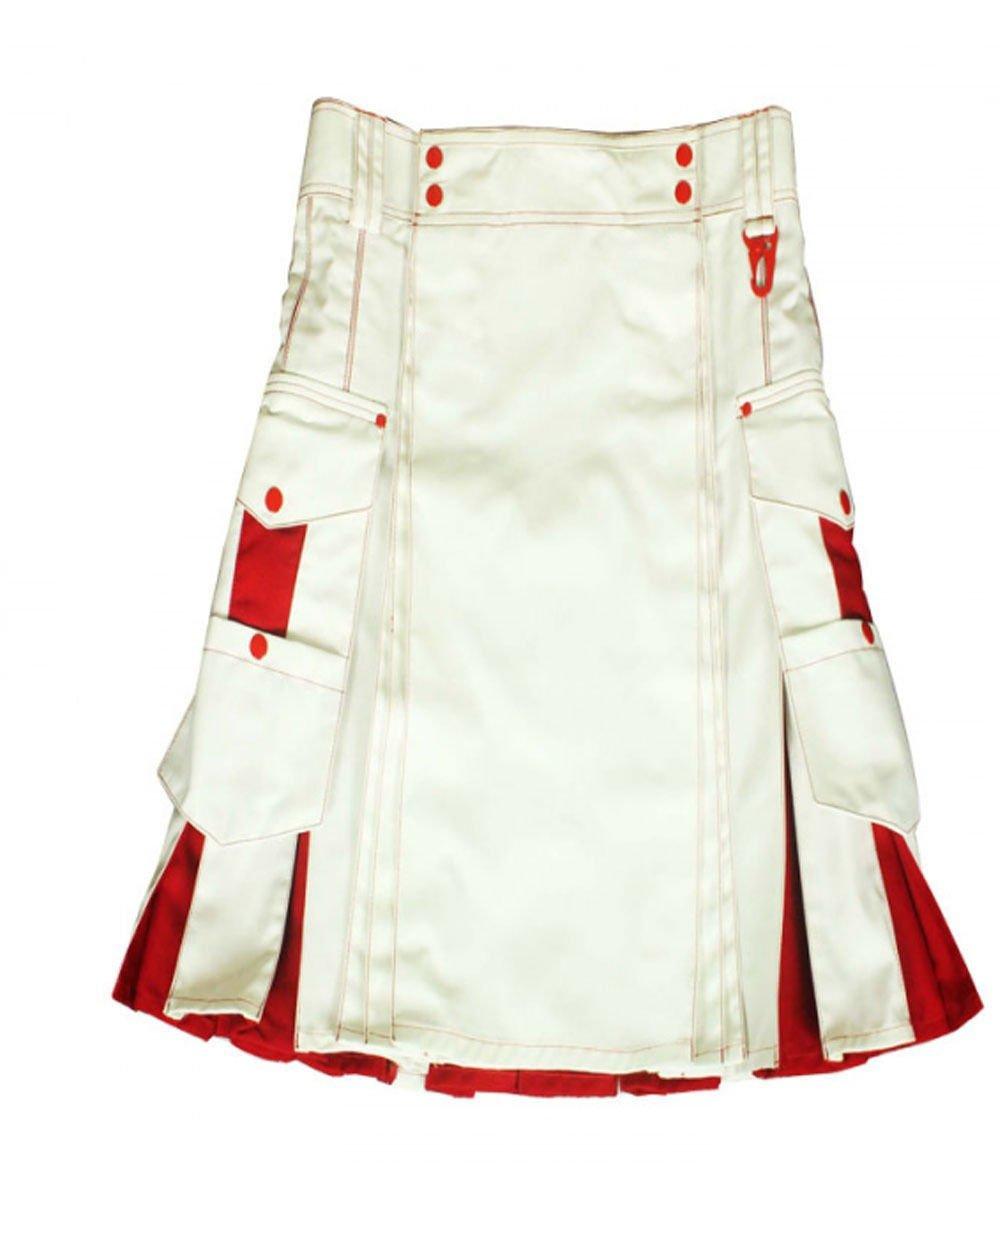 50 Size Handmade White & Red Cotton Kilt for Active Men, Hybrid Cotton Utility Deluxe Kilt